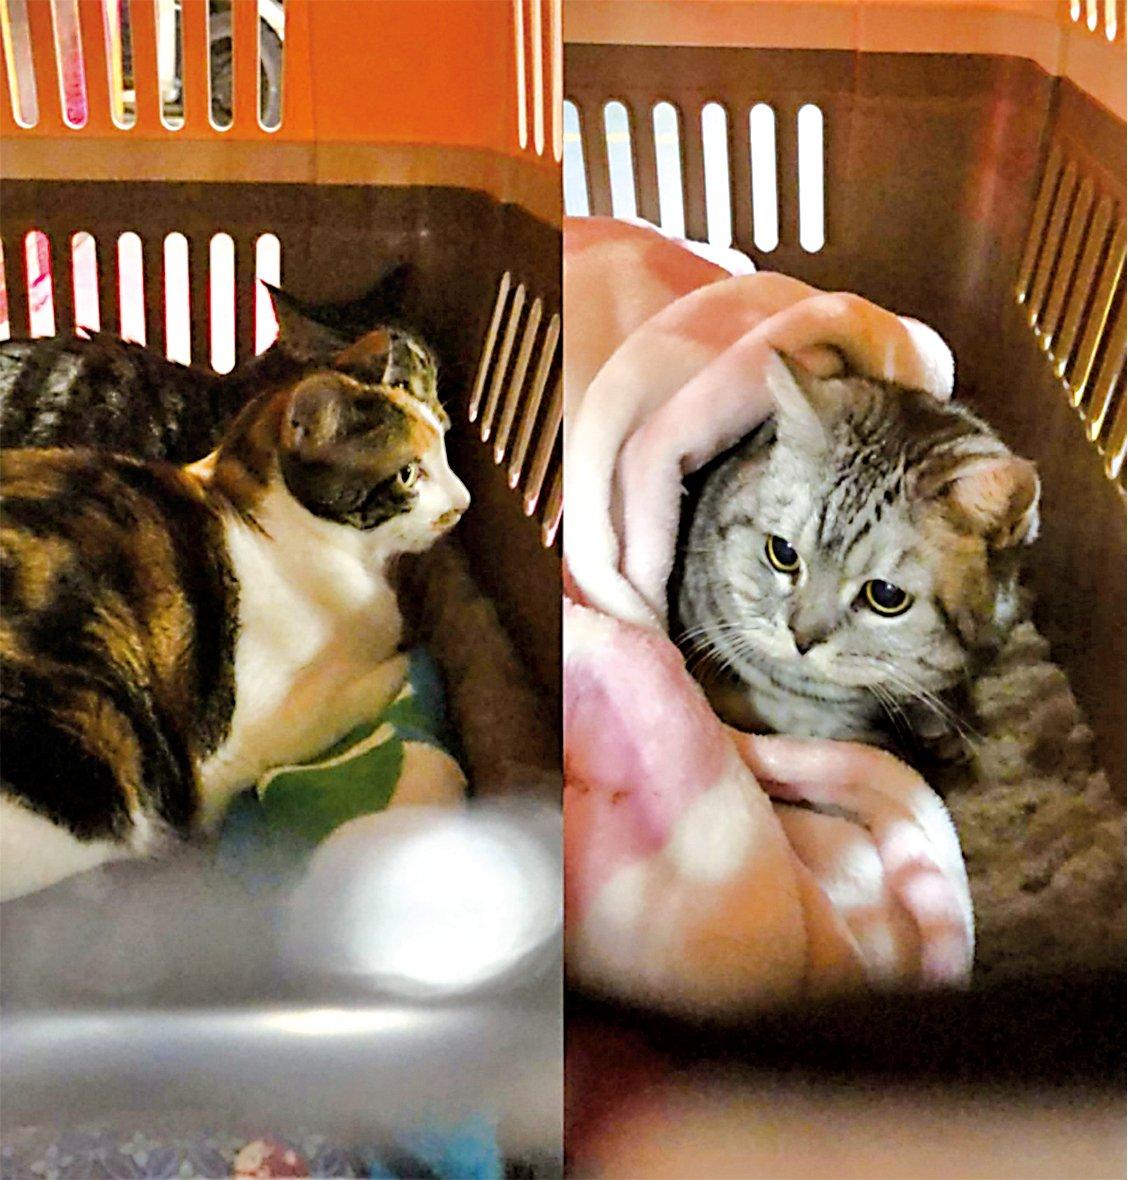 三隻貓分開兩個「飛機籠」寄艙前往英國,包括兩隻花貓和1隻英國短毛貓。(受訪者提供)